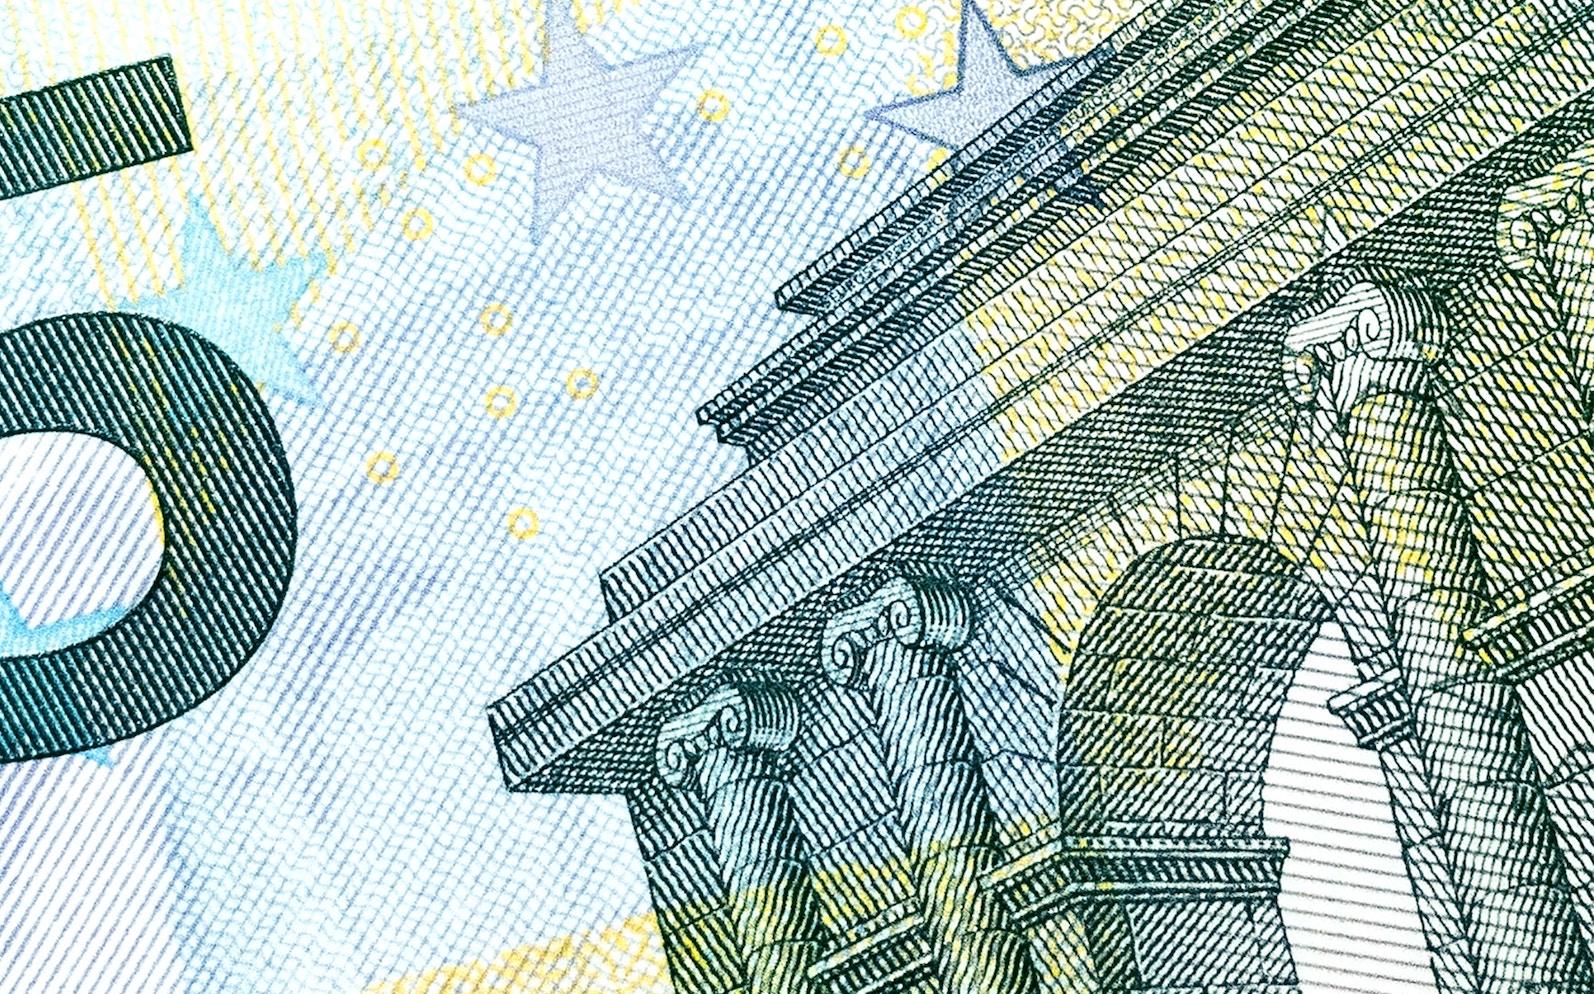 Єврокомісія запропонувала Україні €1 млрд